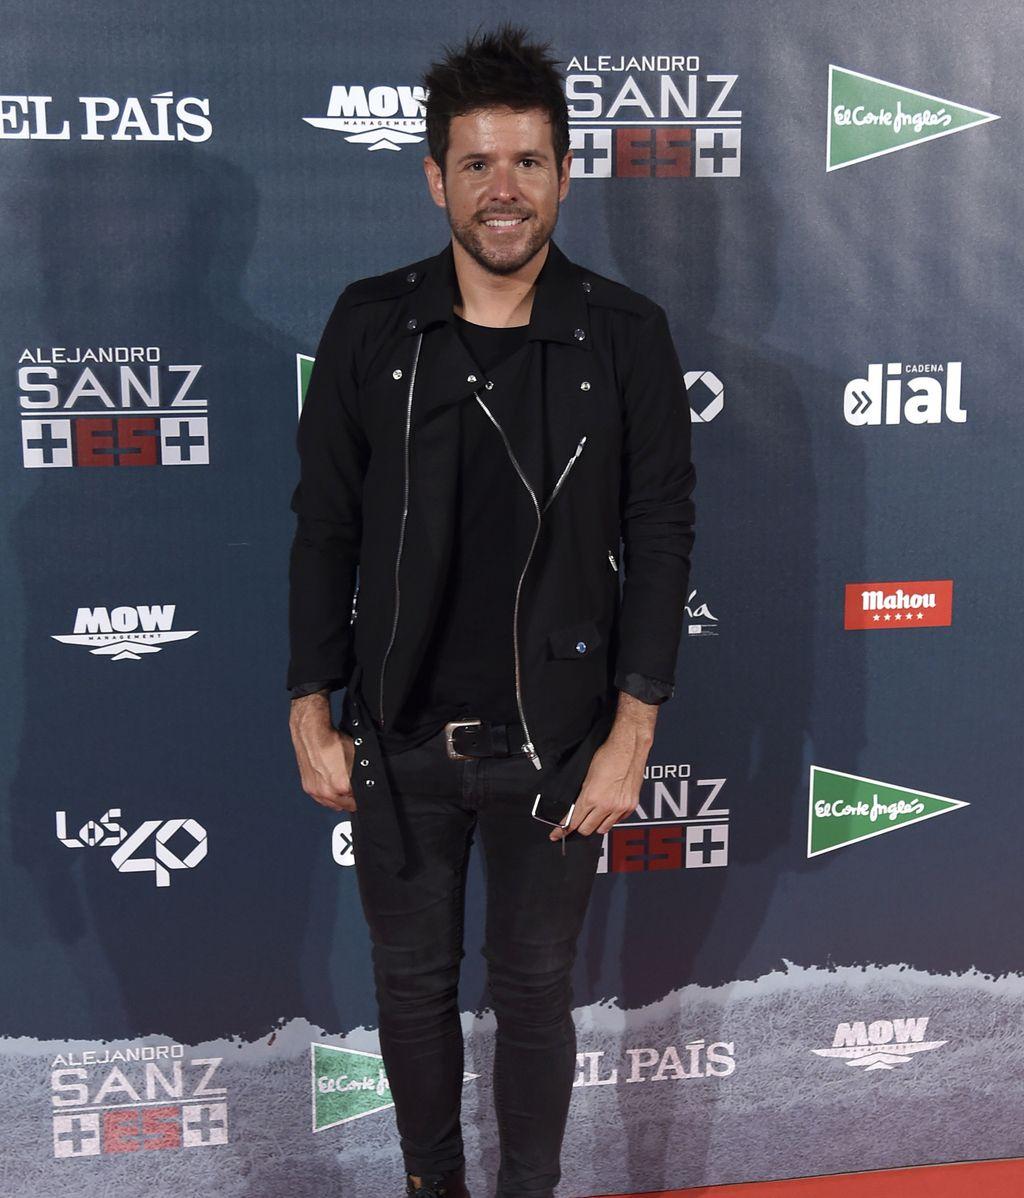 India Martínez, Pastora Soler, Juanes… ¡Nadie quiere perderse el concierto de Alejandro Sanz en Madrid!